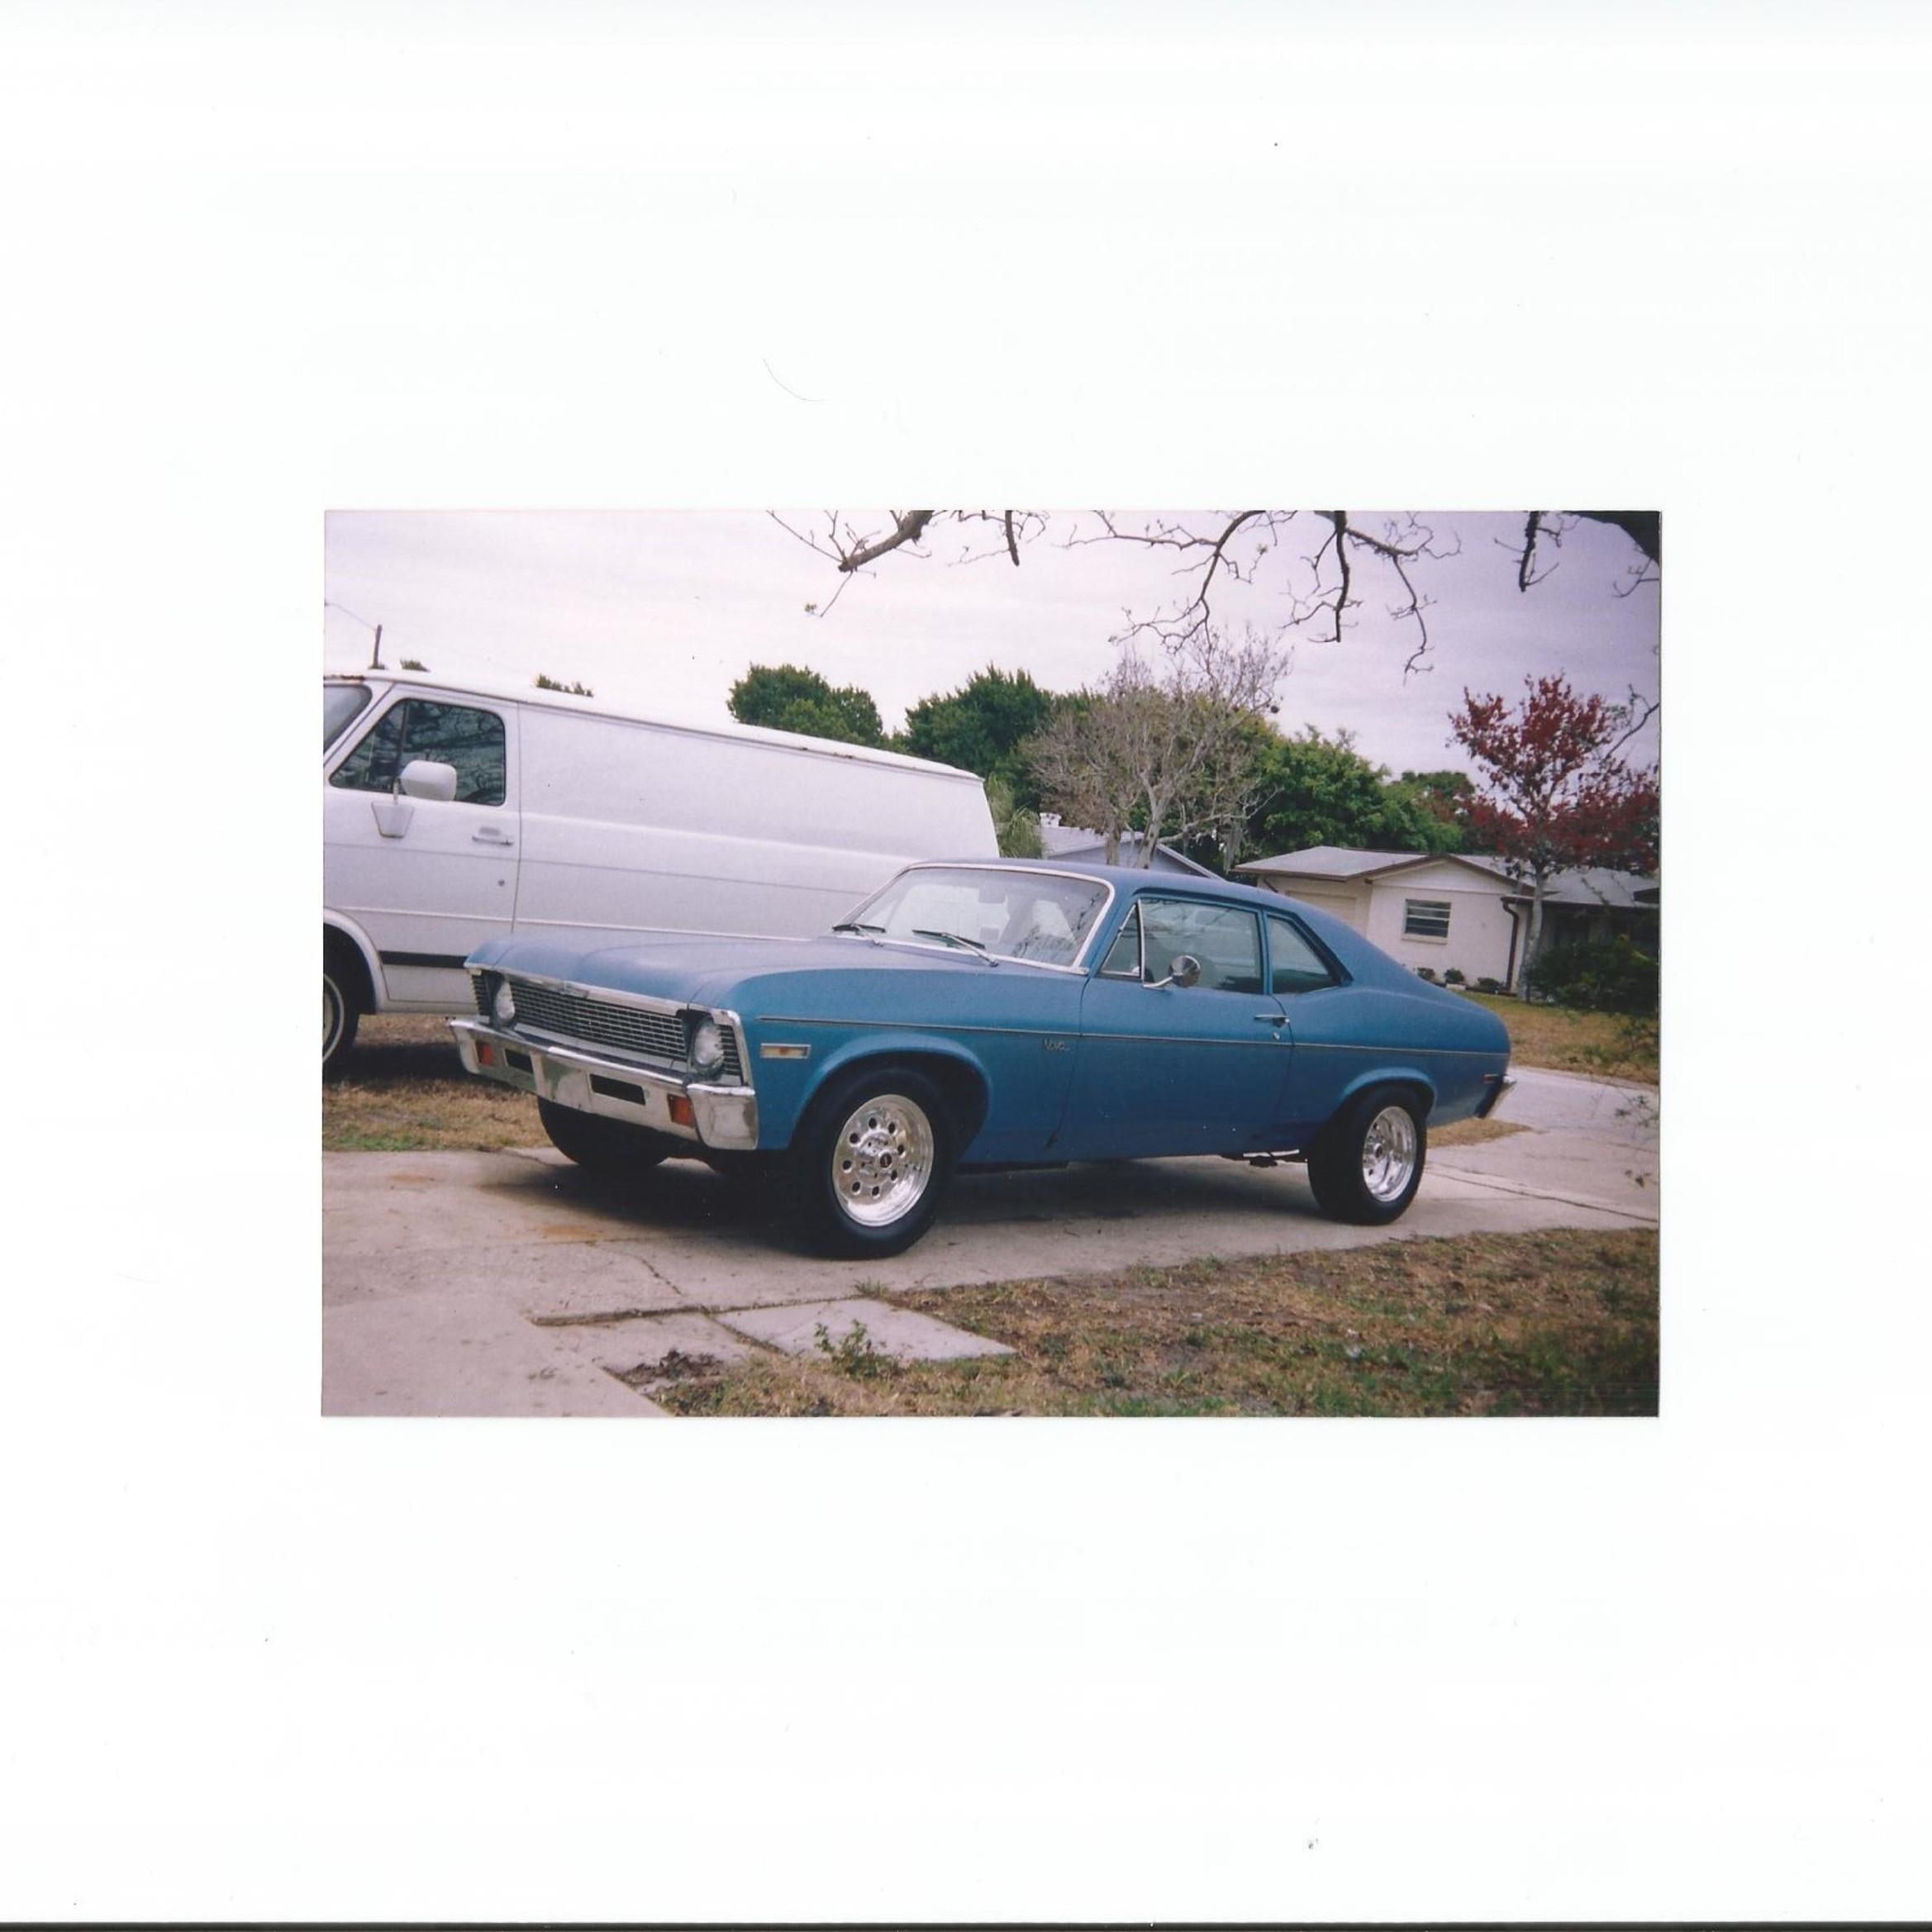 XLCH1969